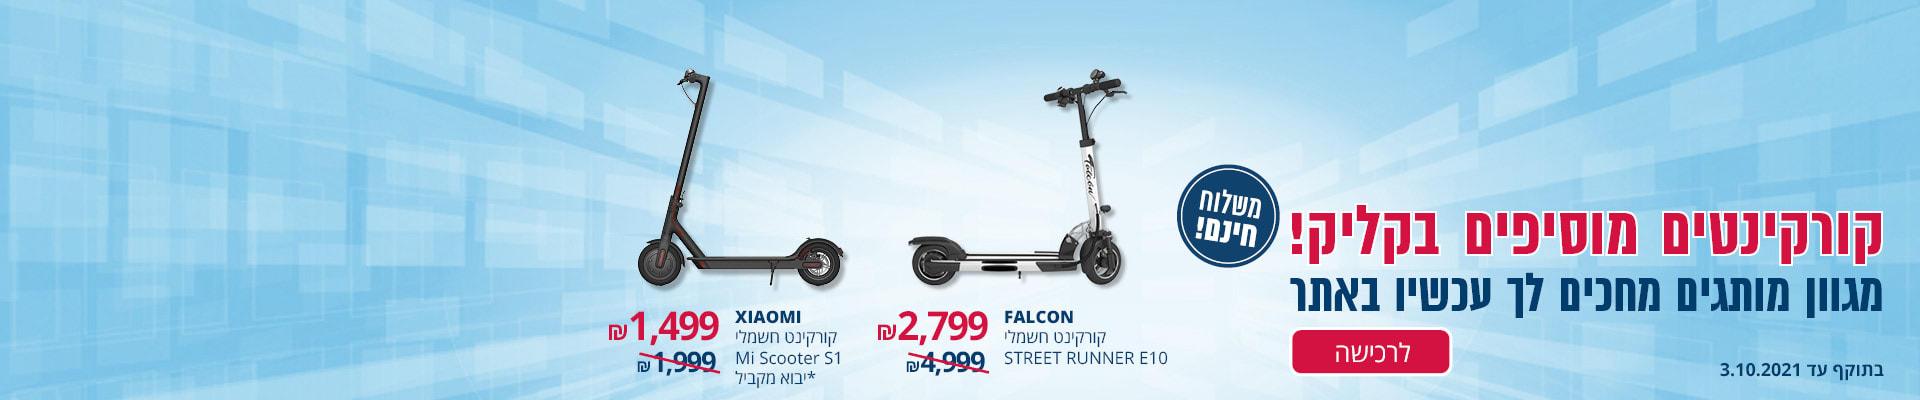 גם קורקינטים ואופניים? כן! קורקינט חשמלי XIAOMI 1499₪, קורקינט חשמלי FALCON 2799₪. משלוח חינם בתוקף עד 3.10.2021